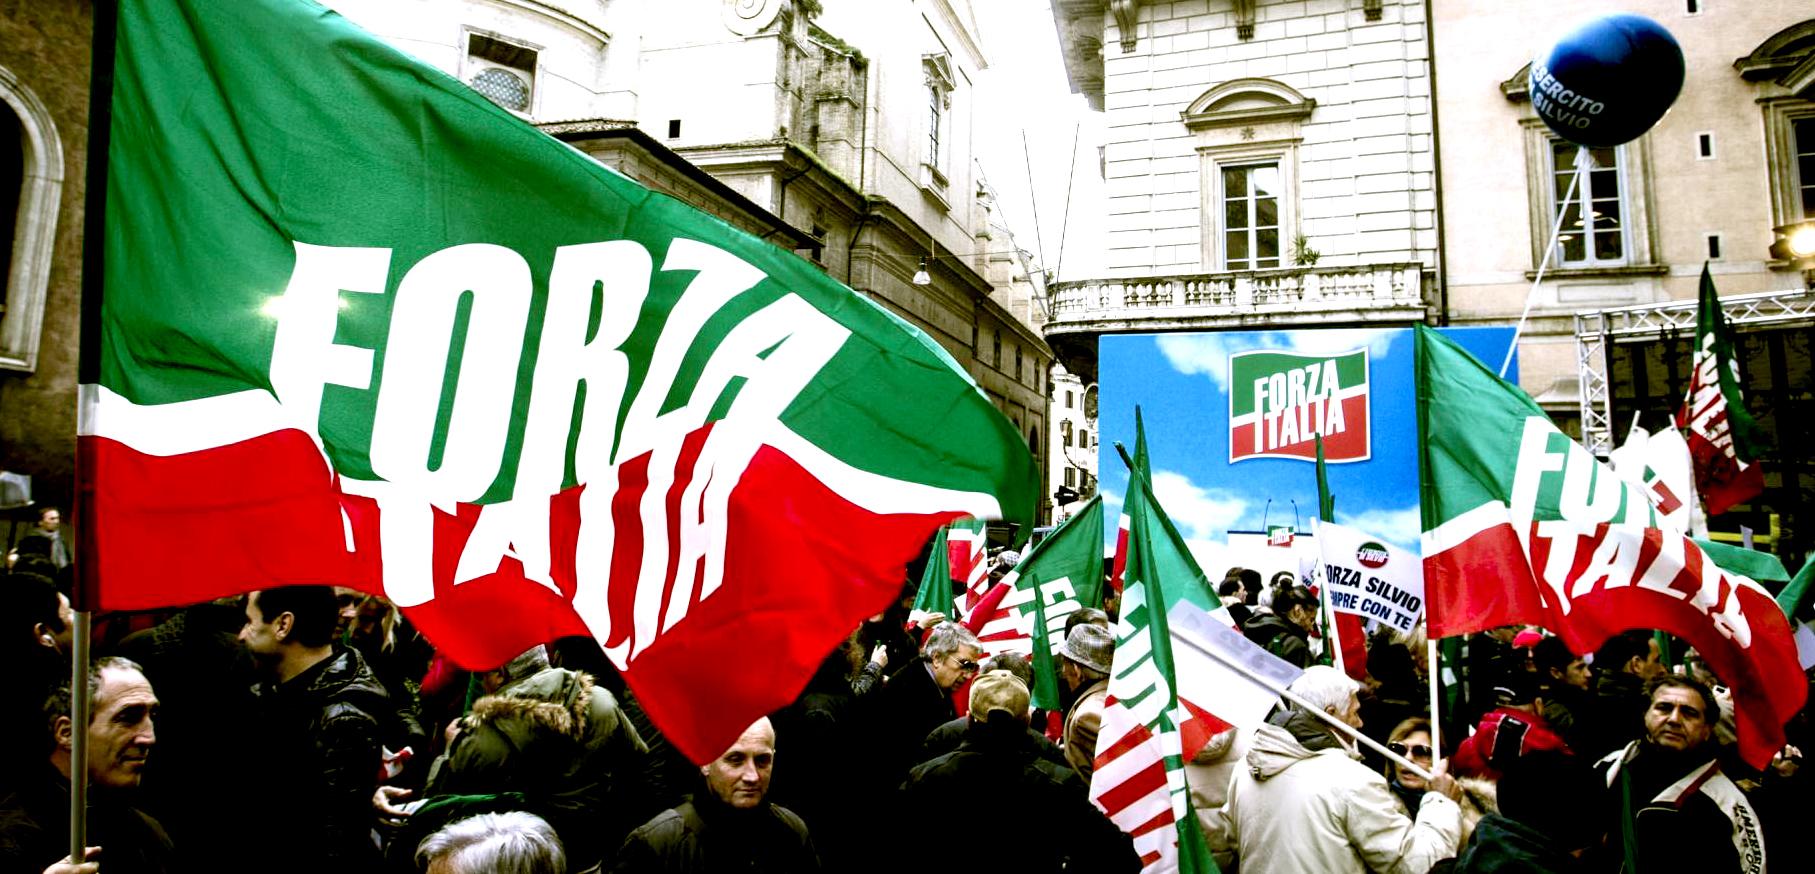 Non ammainate la bandiera di forza italia rendetela piu for Deputati di forza italia